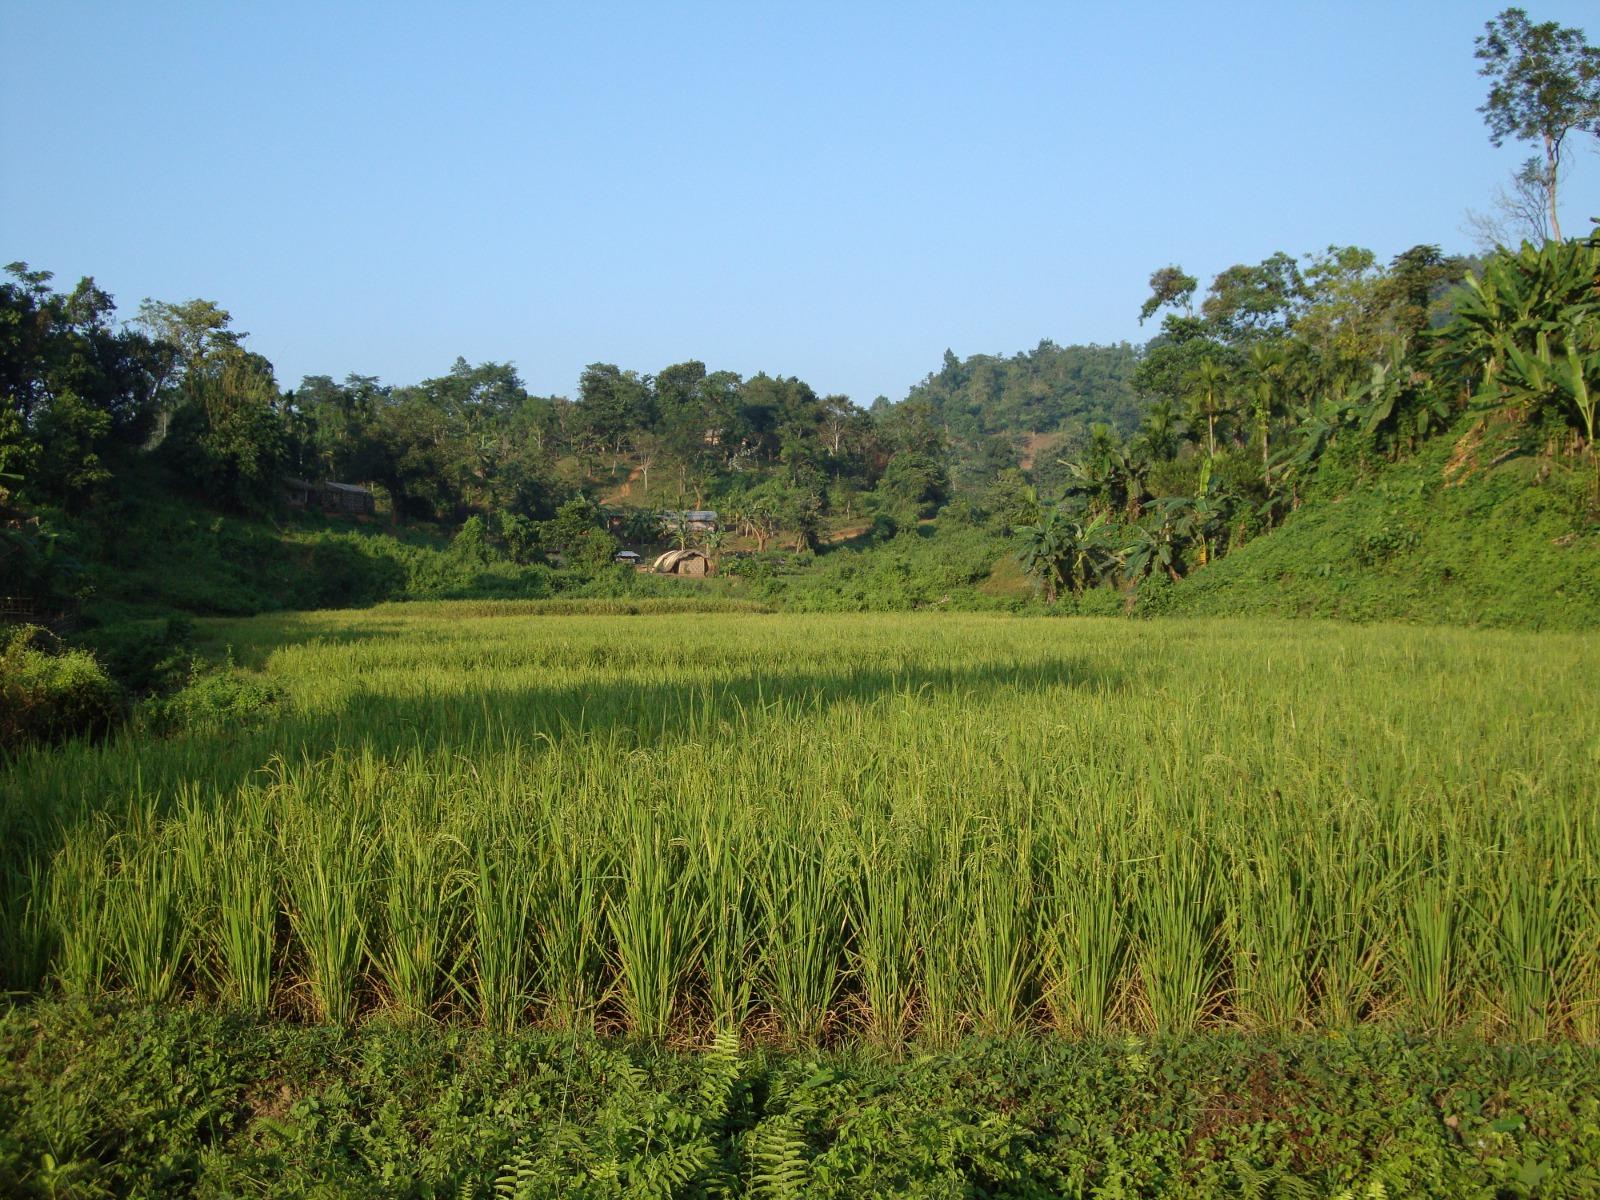 A paddy field.